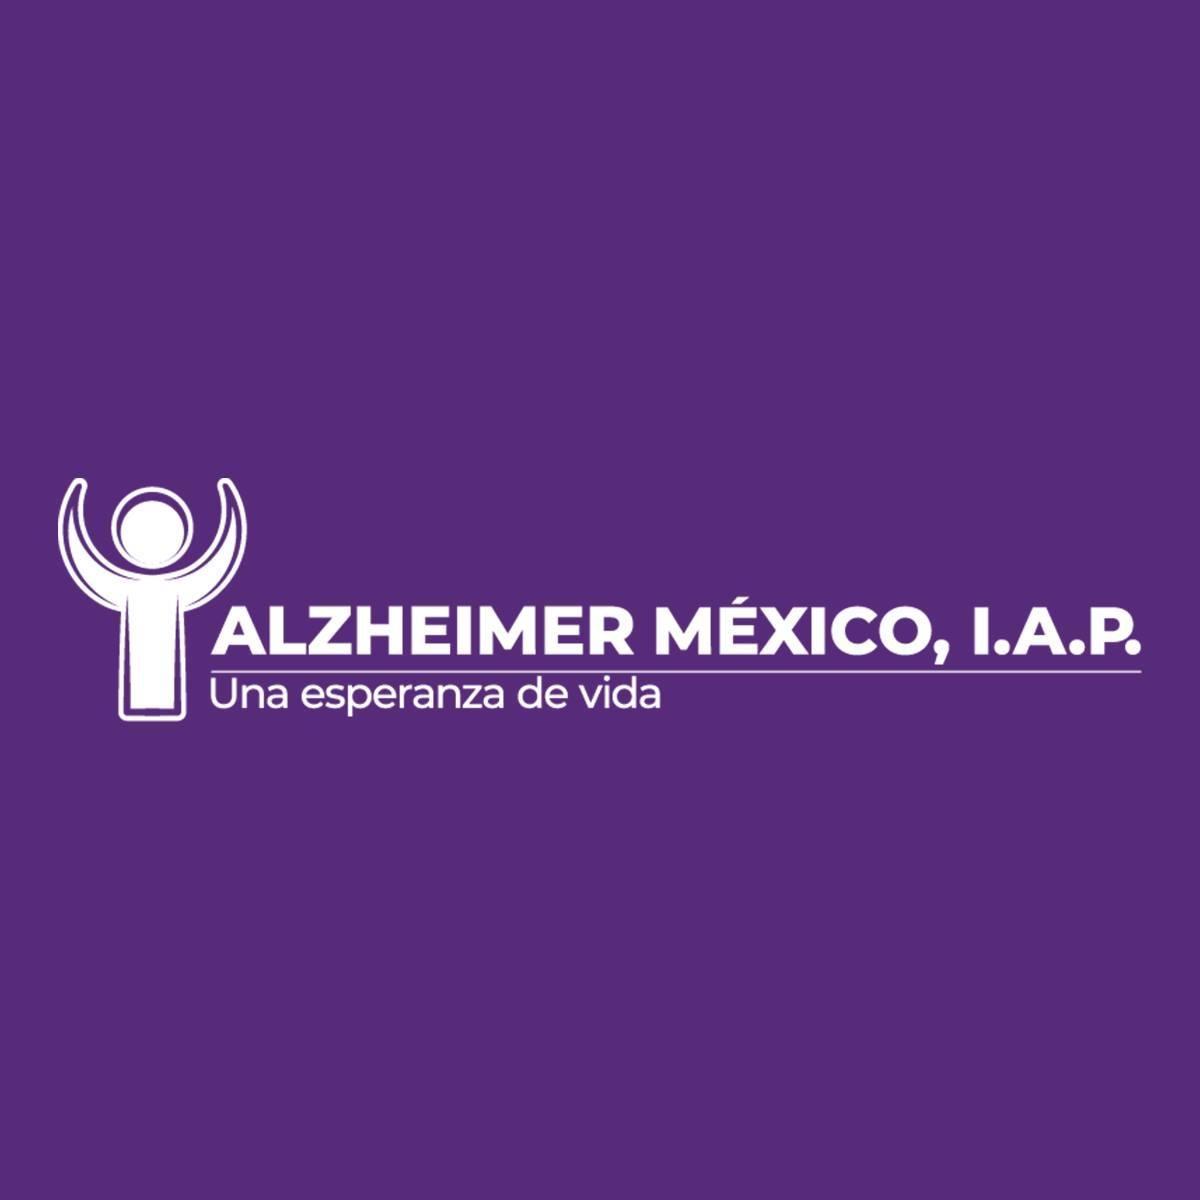 El Alzheimer, una demencia que va más allá de la pérdida de la memoria